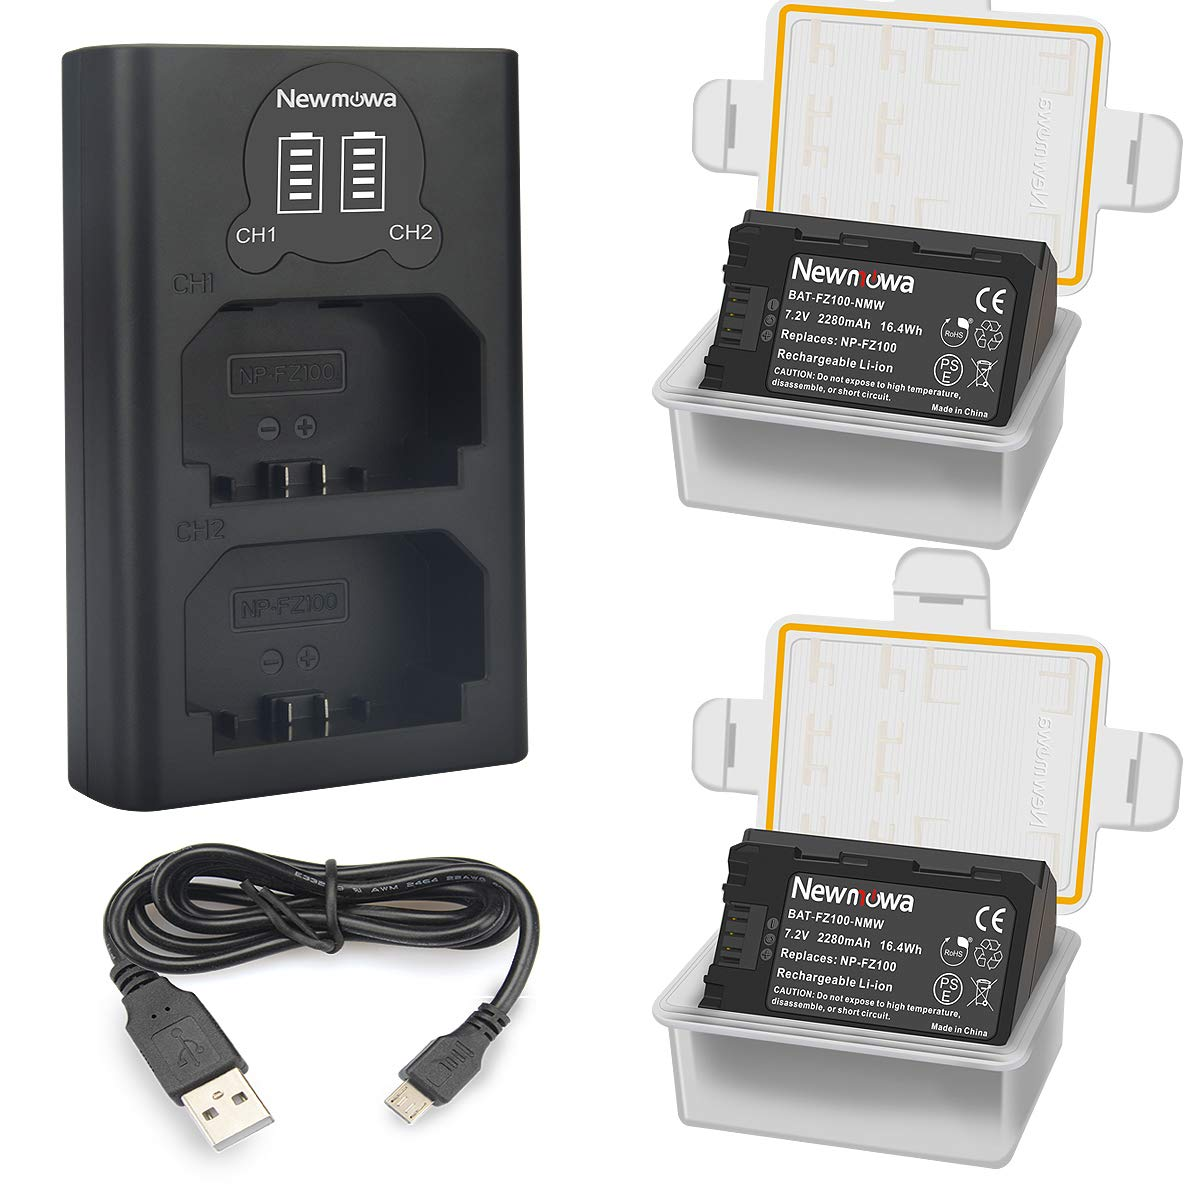 Newmowa NP-FZ100 Batería de Repuesto (Paquete de 2) y Smart ...